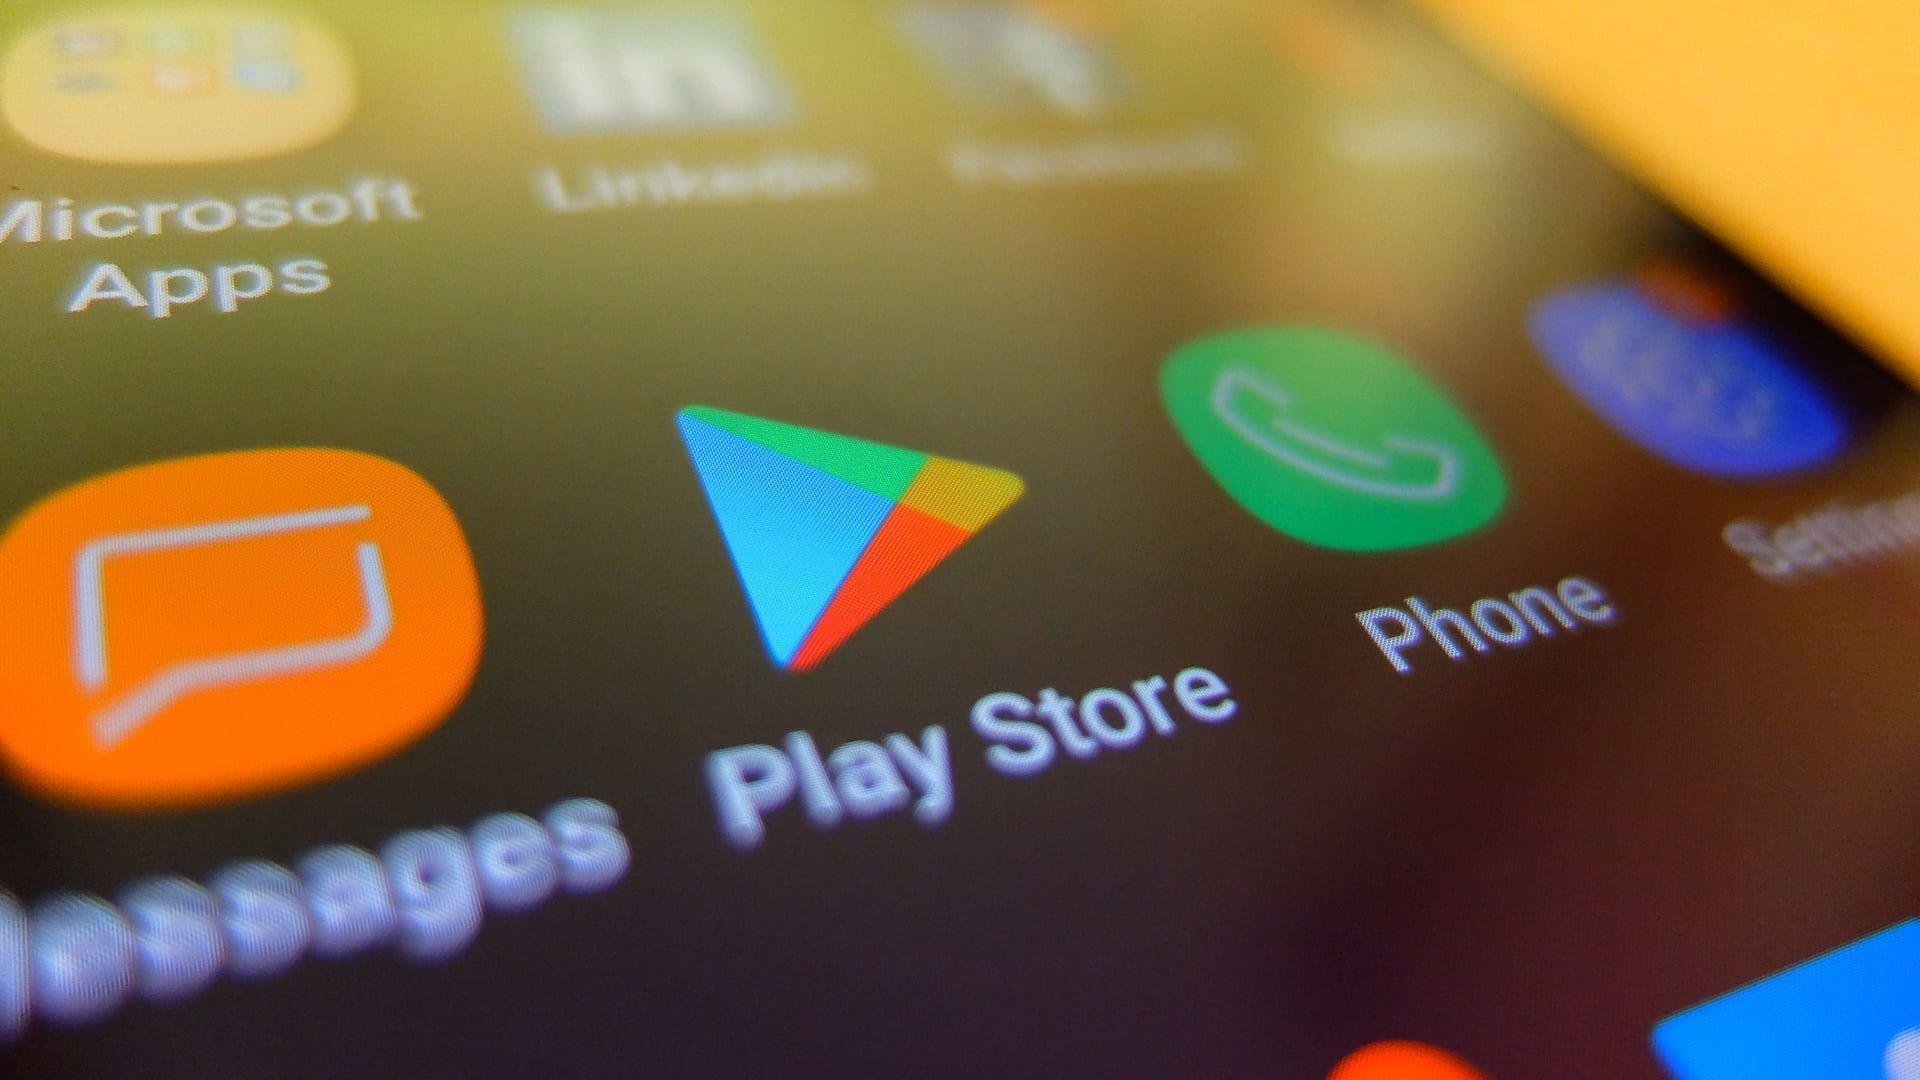 É possível ativar e baixar Play Store para algumas contas no dispositivo enquanto bloqueia para outras (Foto: Shutterstock/East pop)